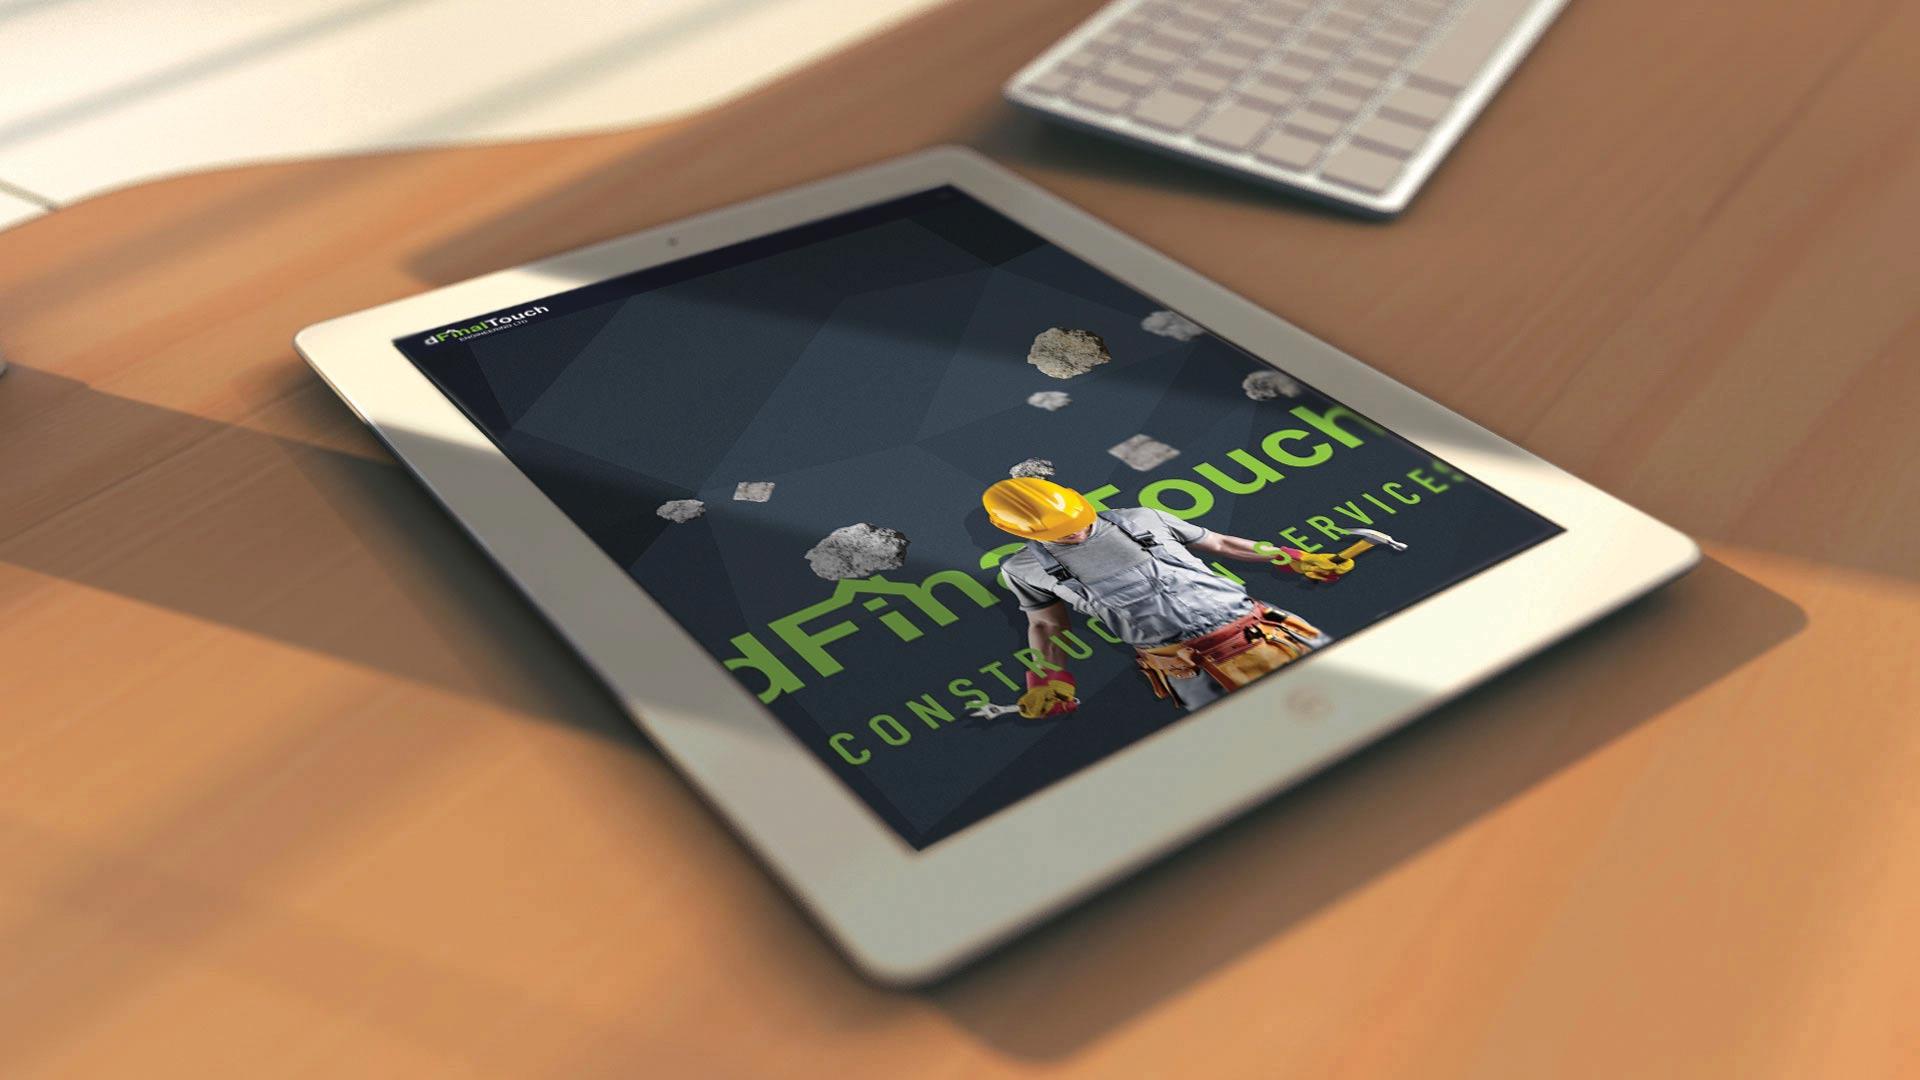 iPad-dFTCH-Website